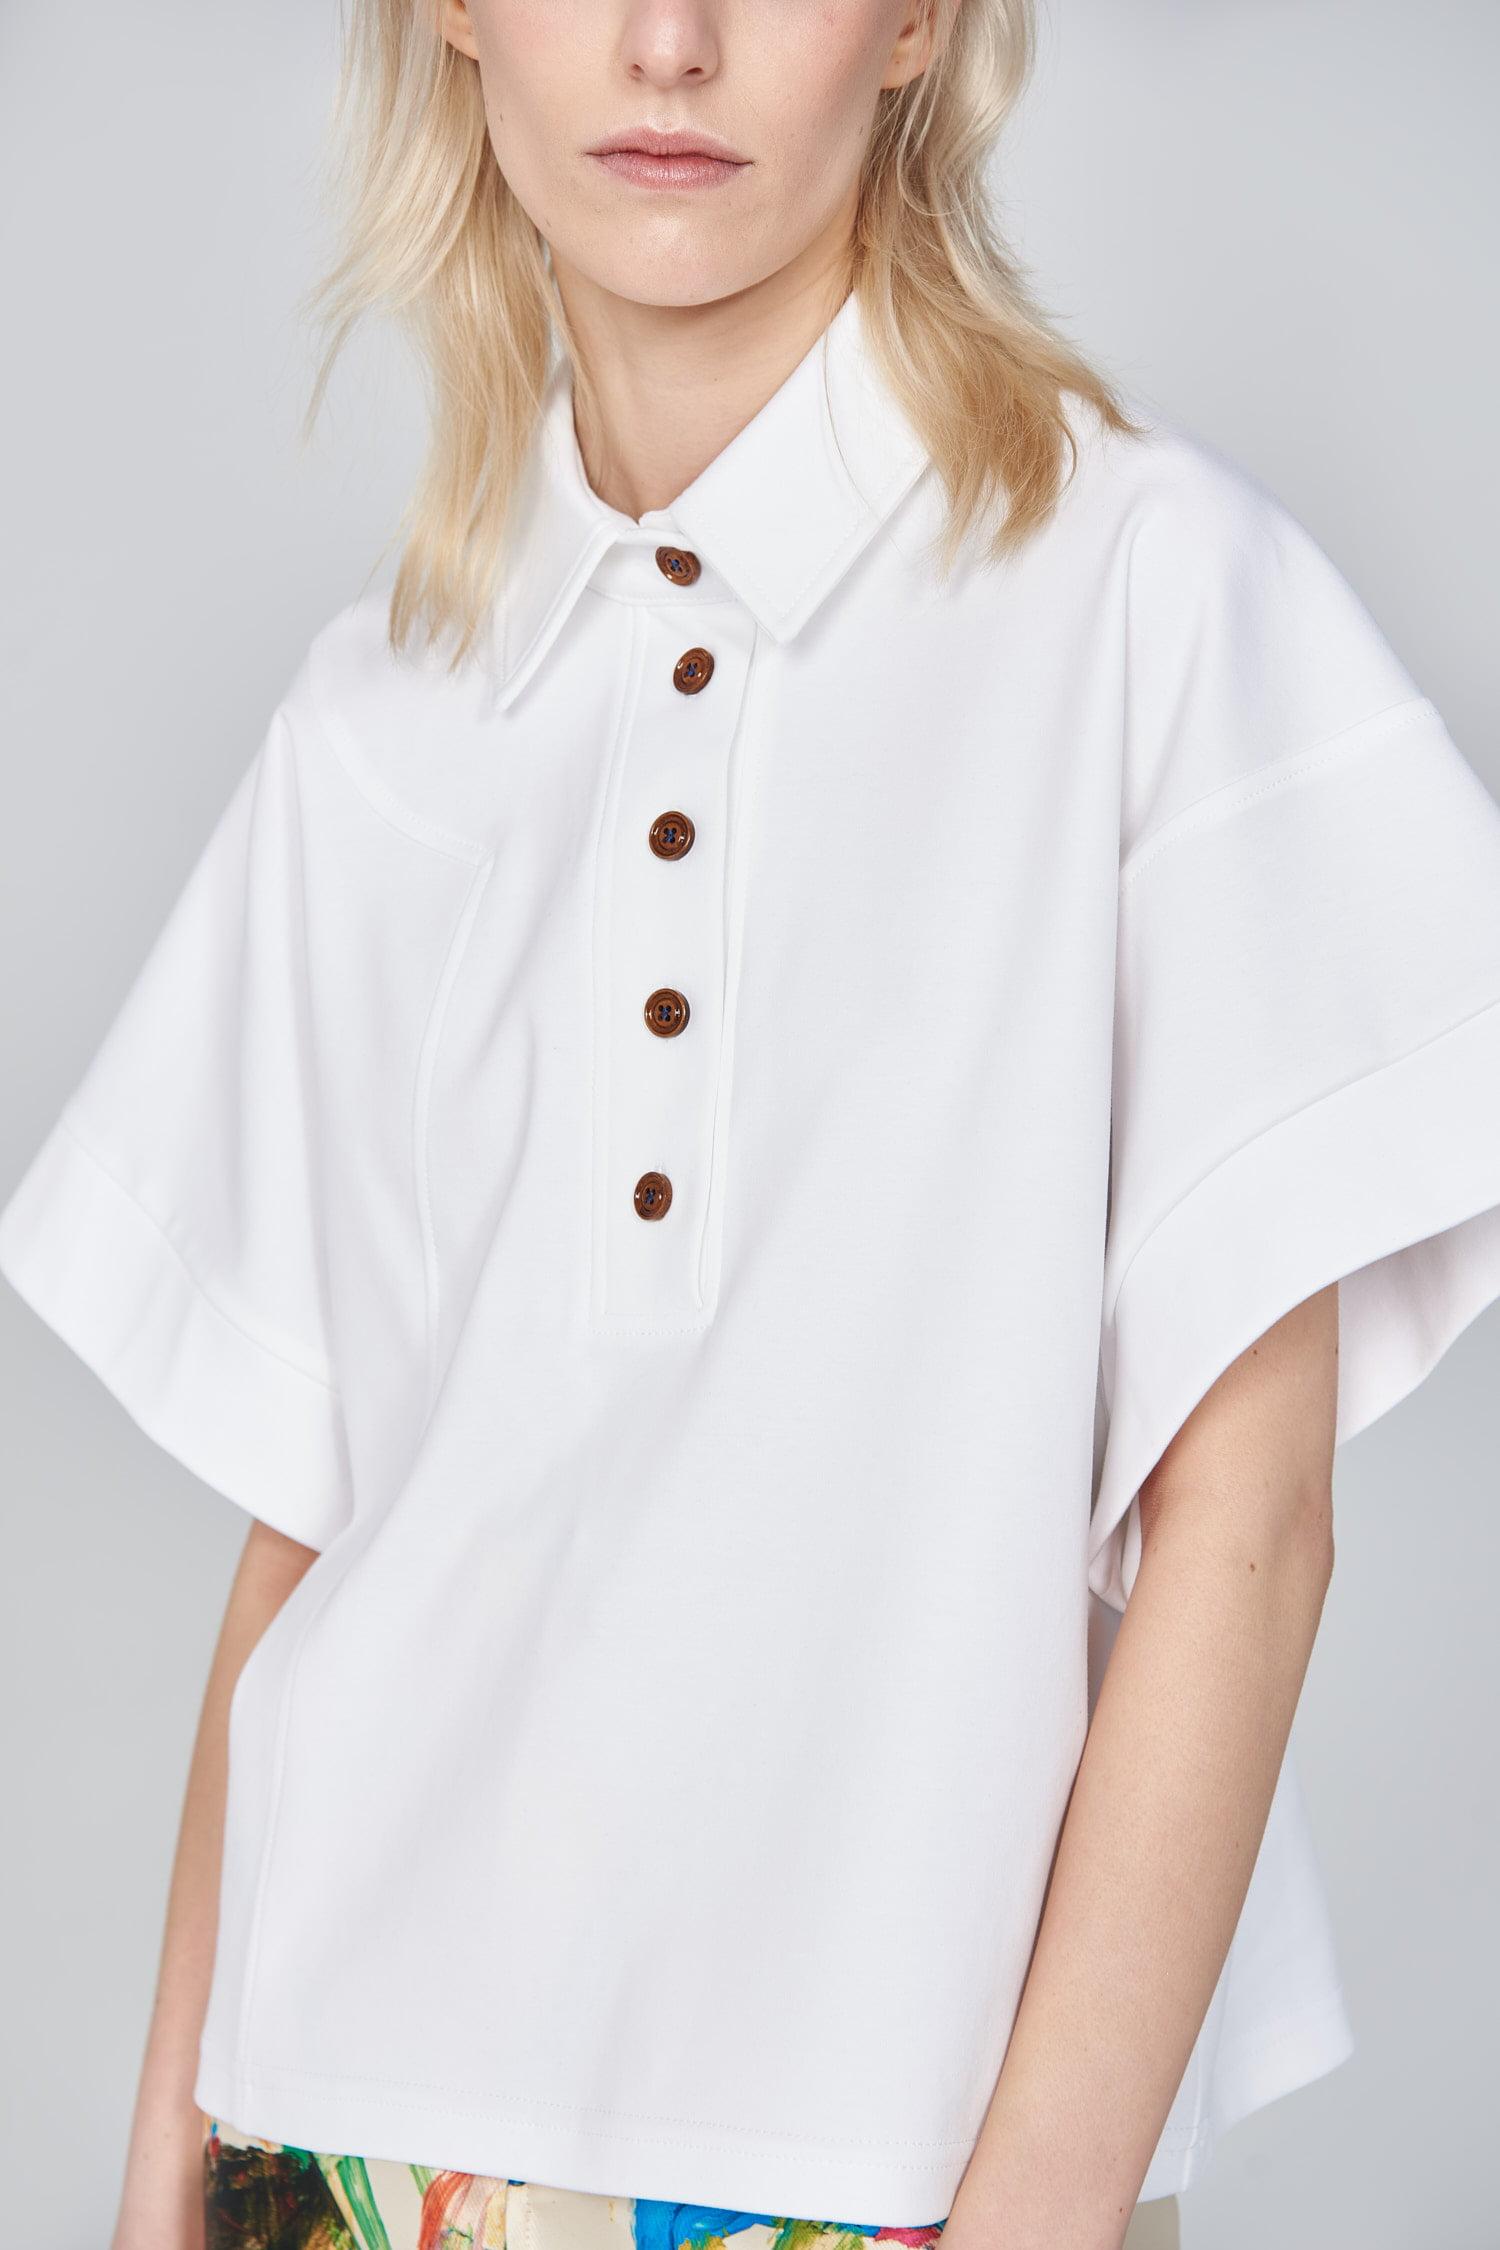 Acephala Ss21 White Polo Shirt Detail